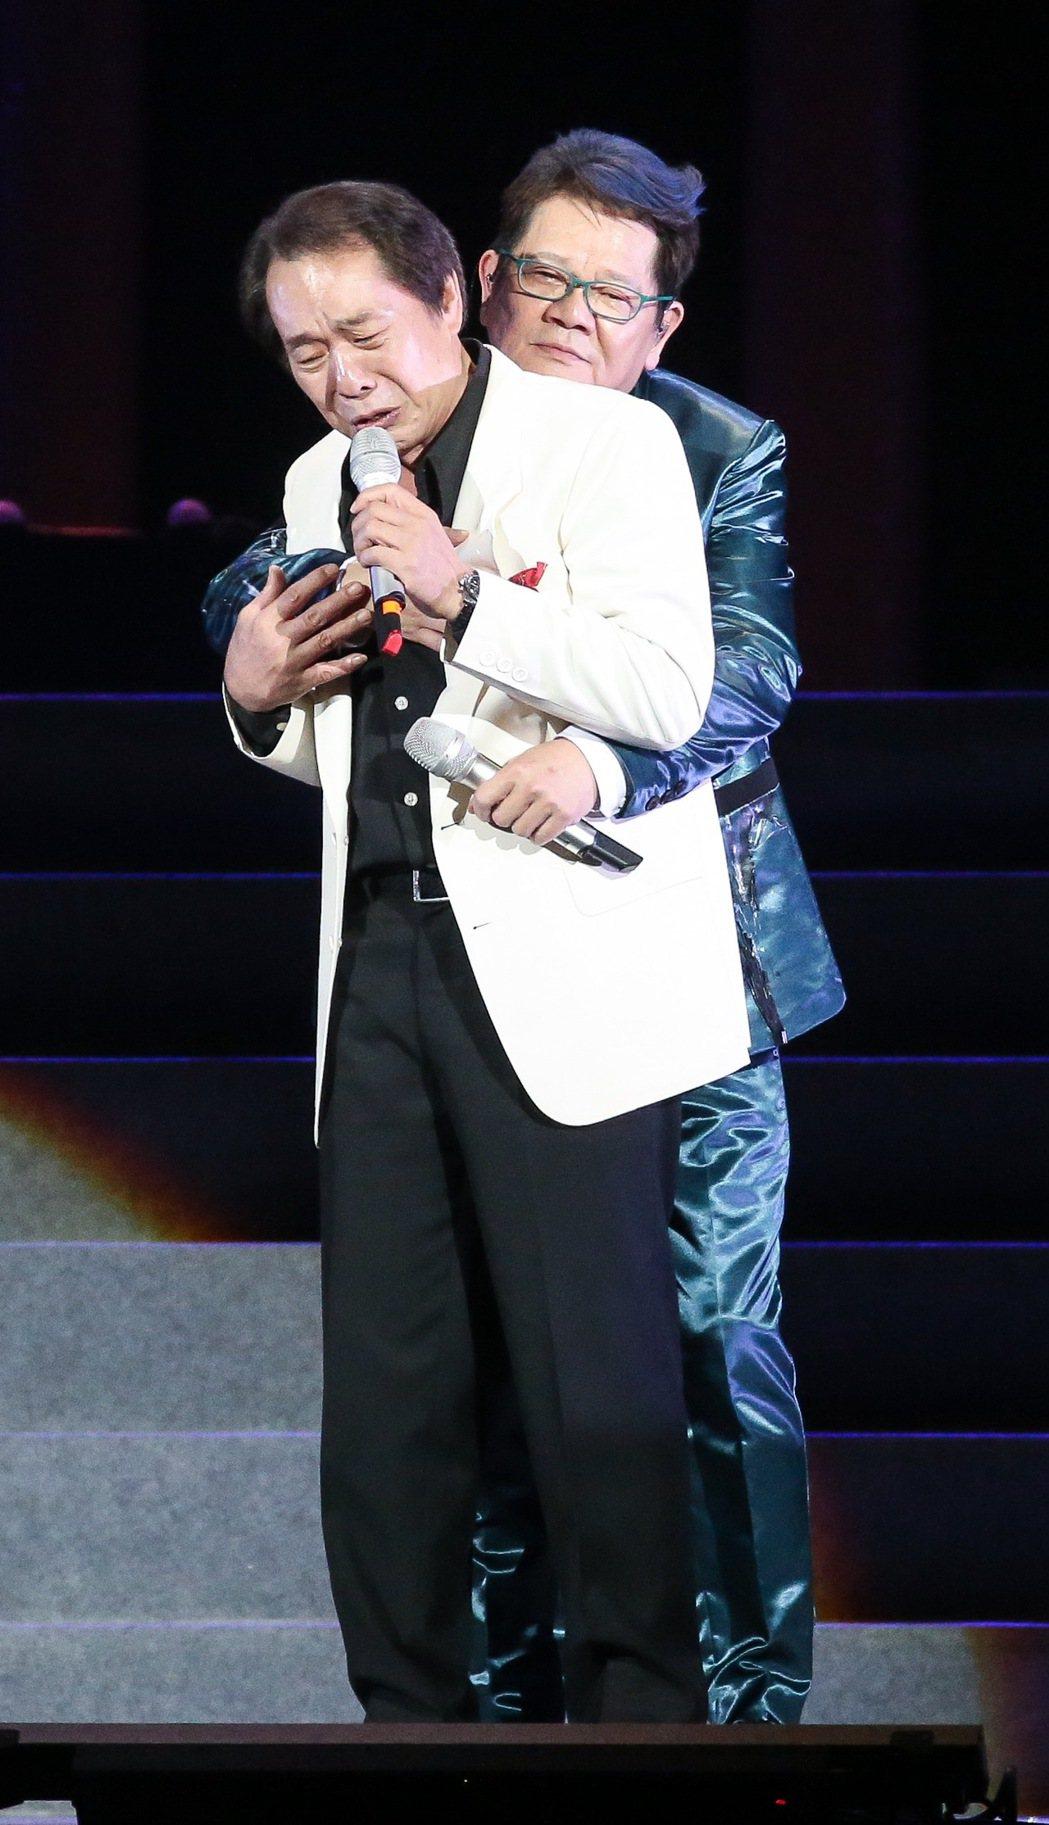 鄭進一(後)在演唱會上熊抱張魁(前)。記者黃威彬/攝影